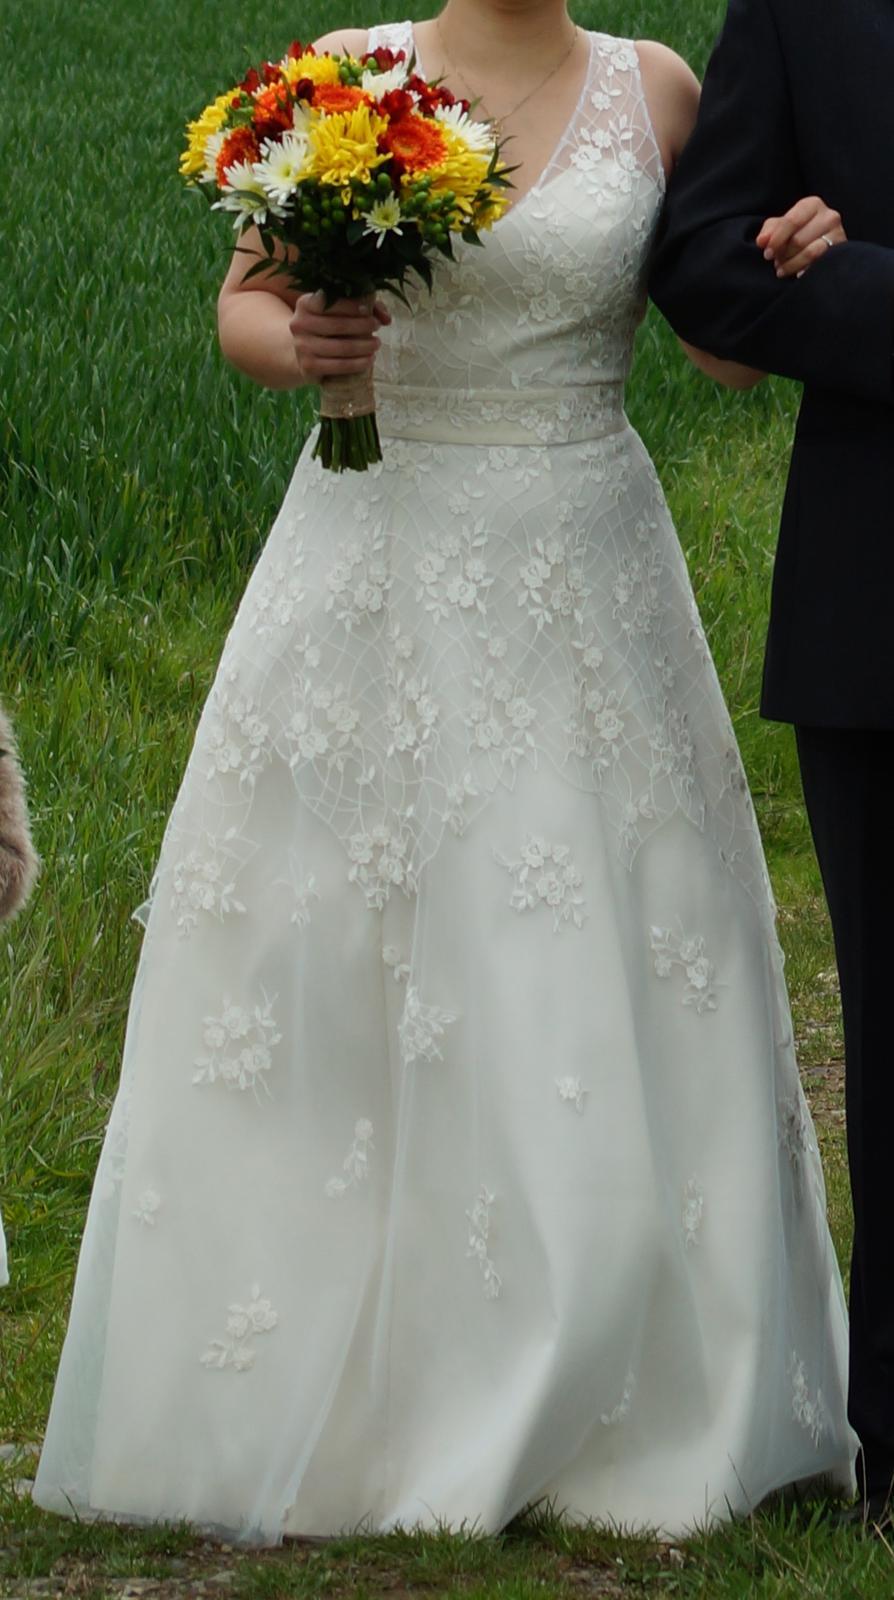 Ručně šité, 1x nošené svatební šaty, postava 170cm - Obrázek č. 4